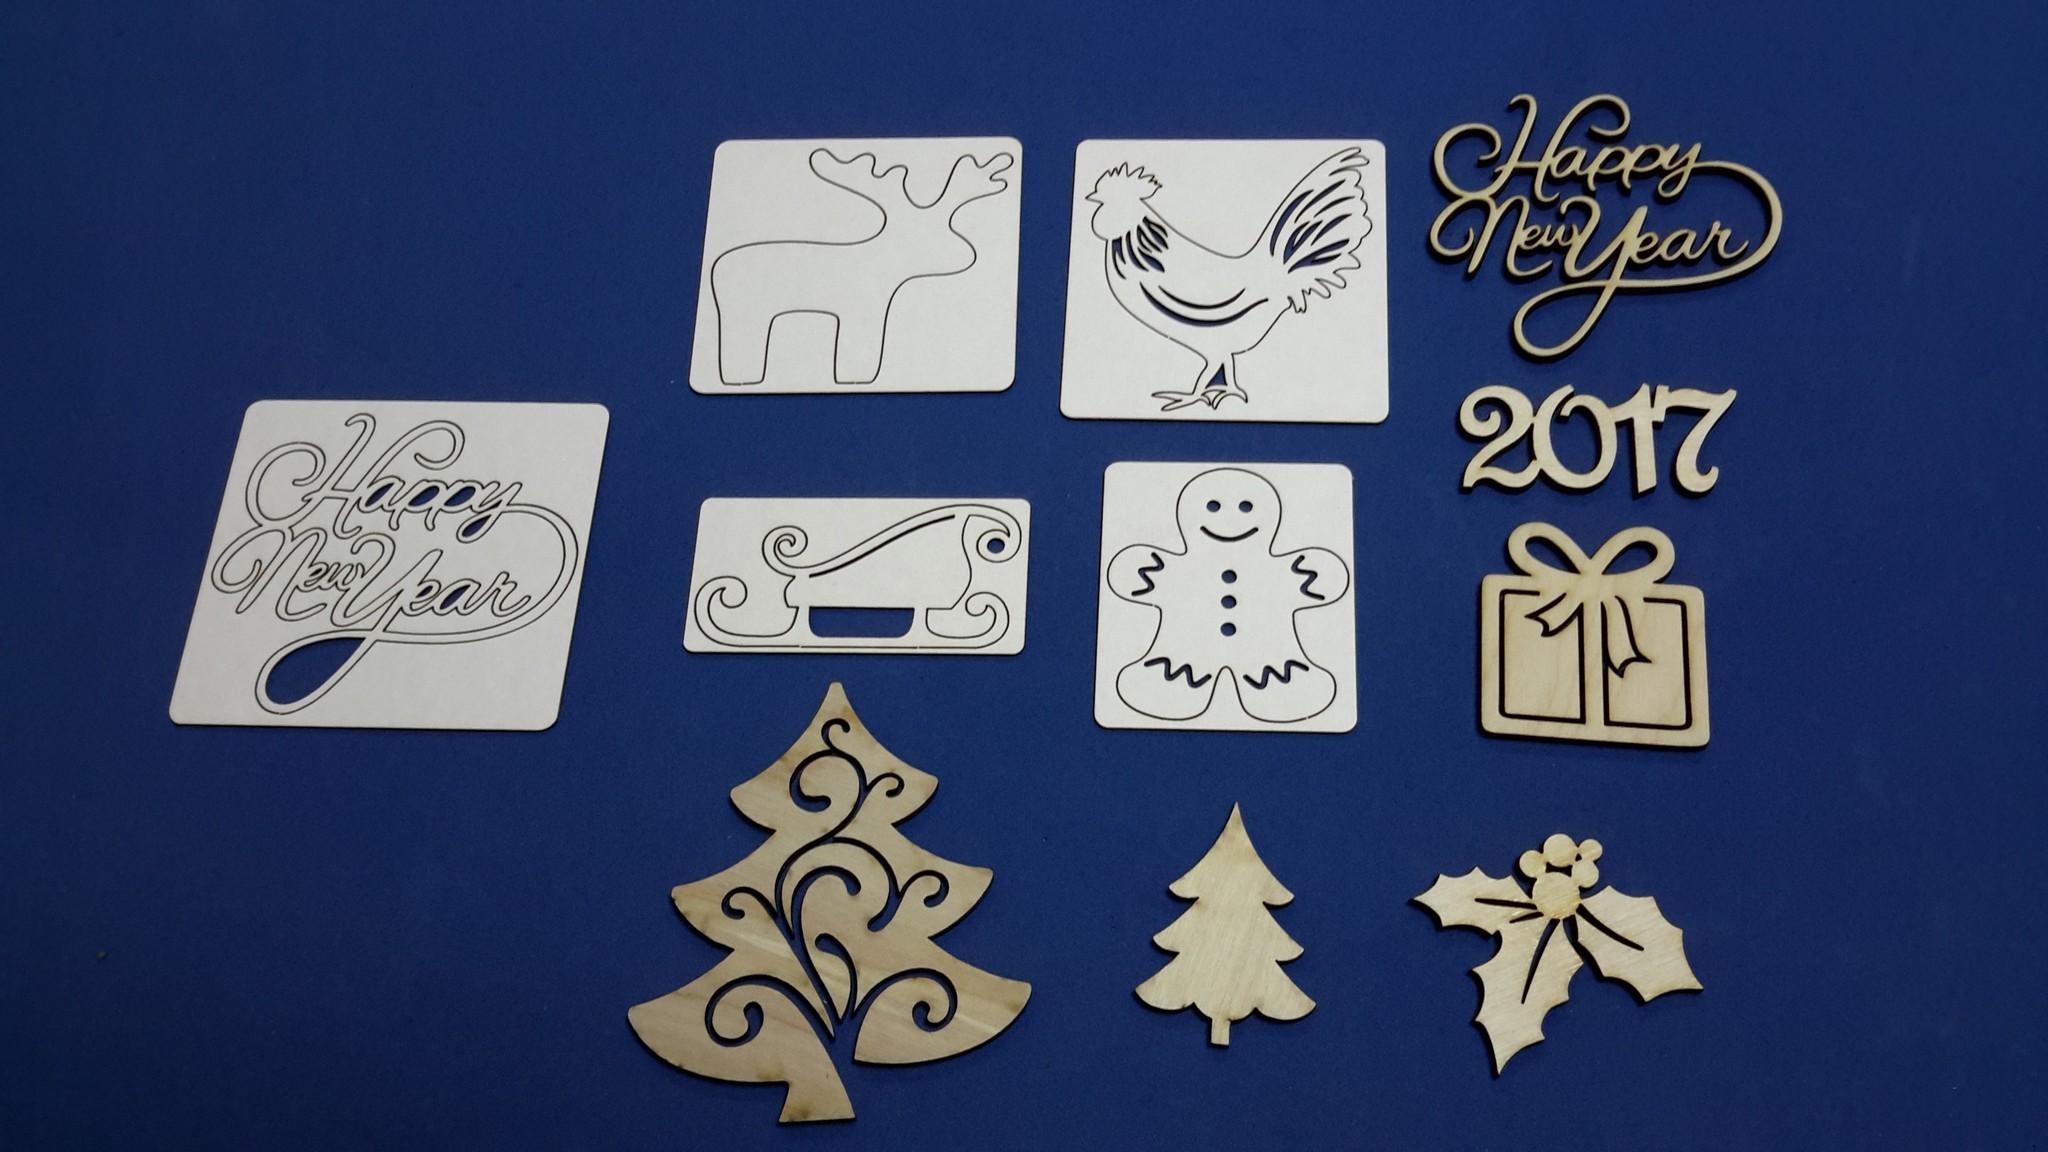 Словами, открытки с новым годом вырубка